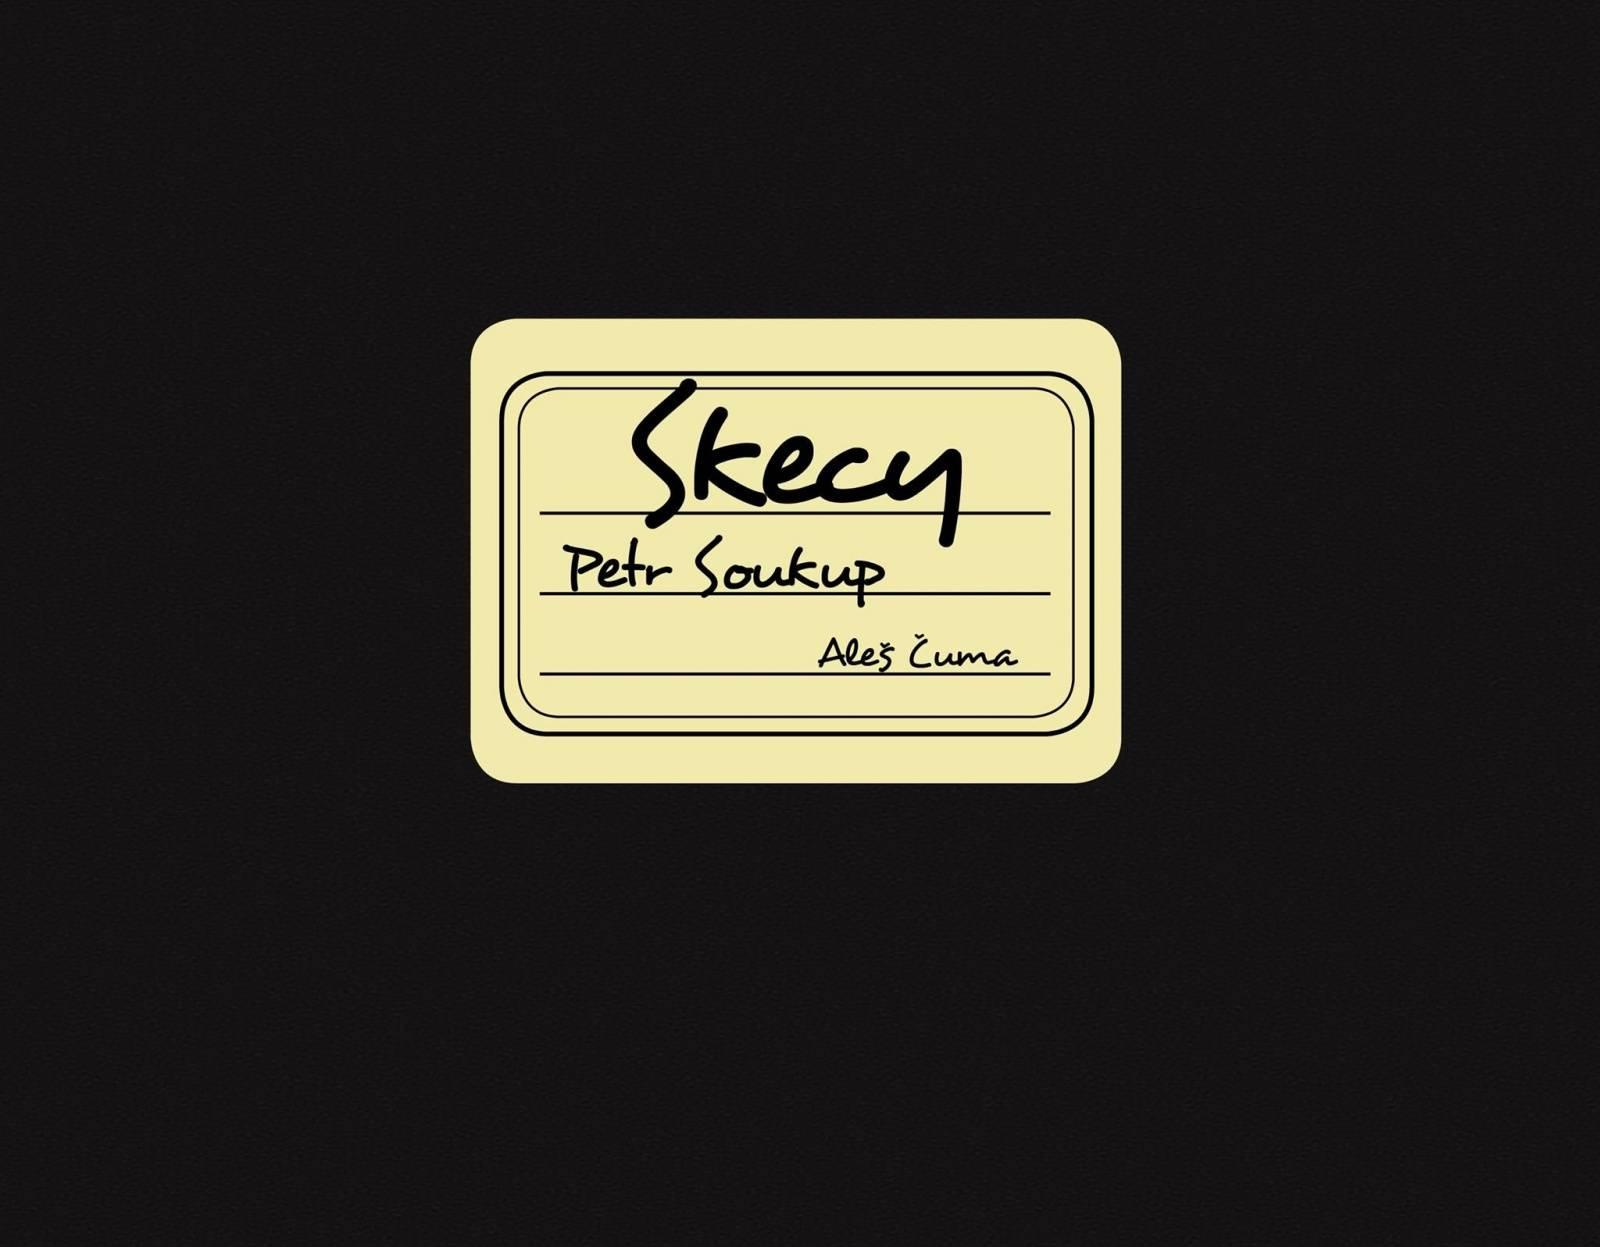 Skecy